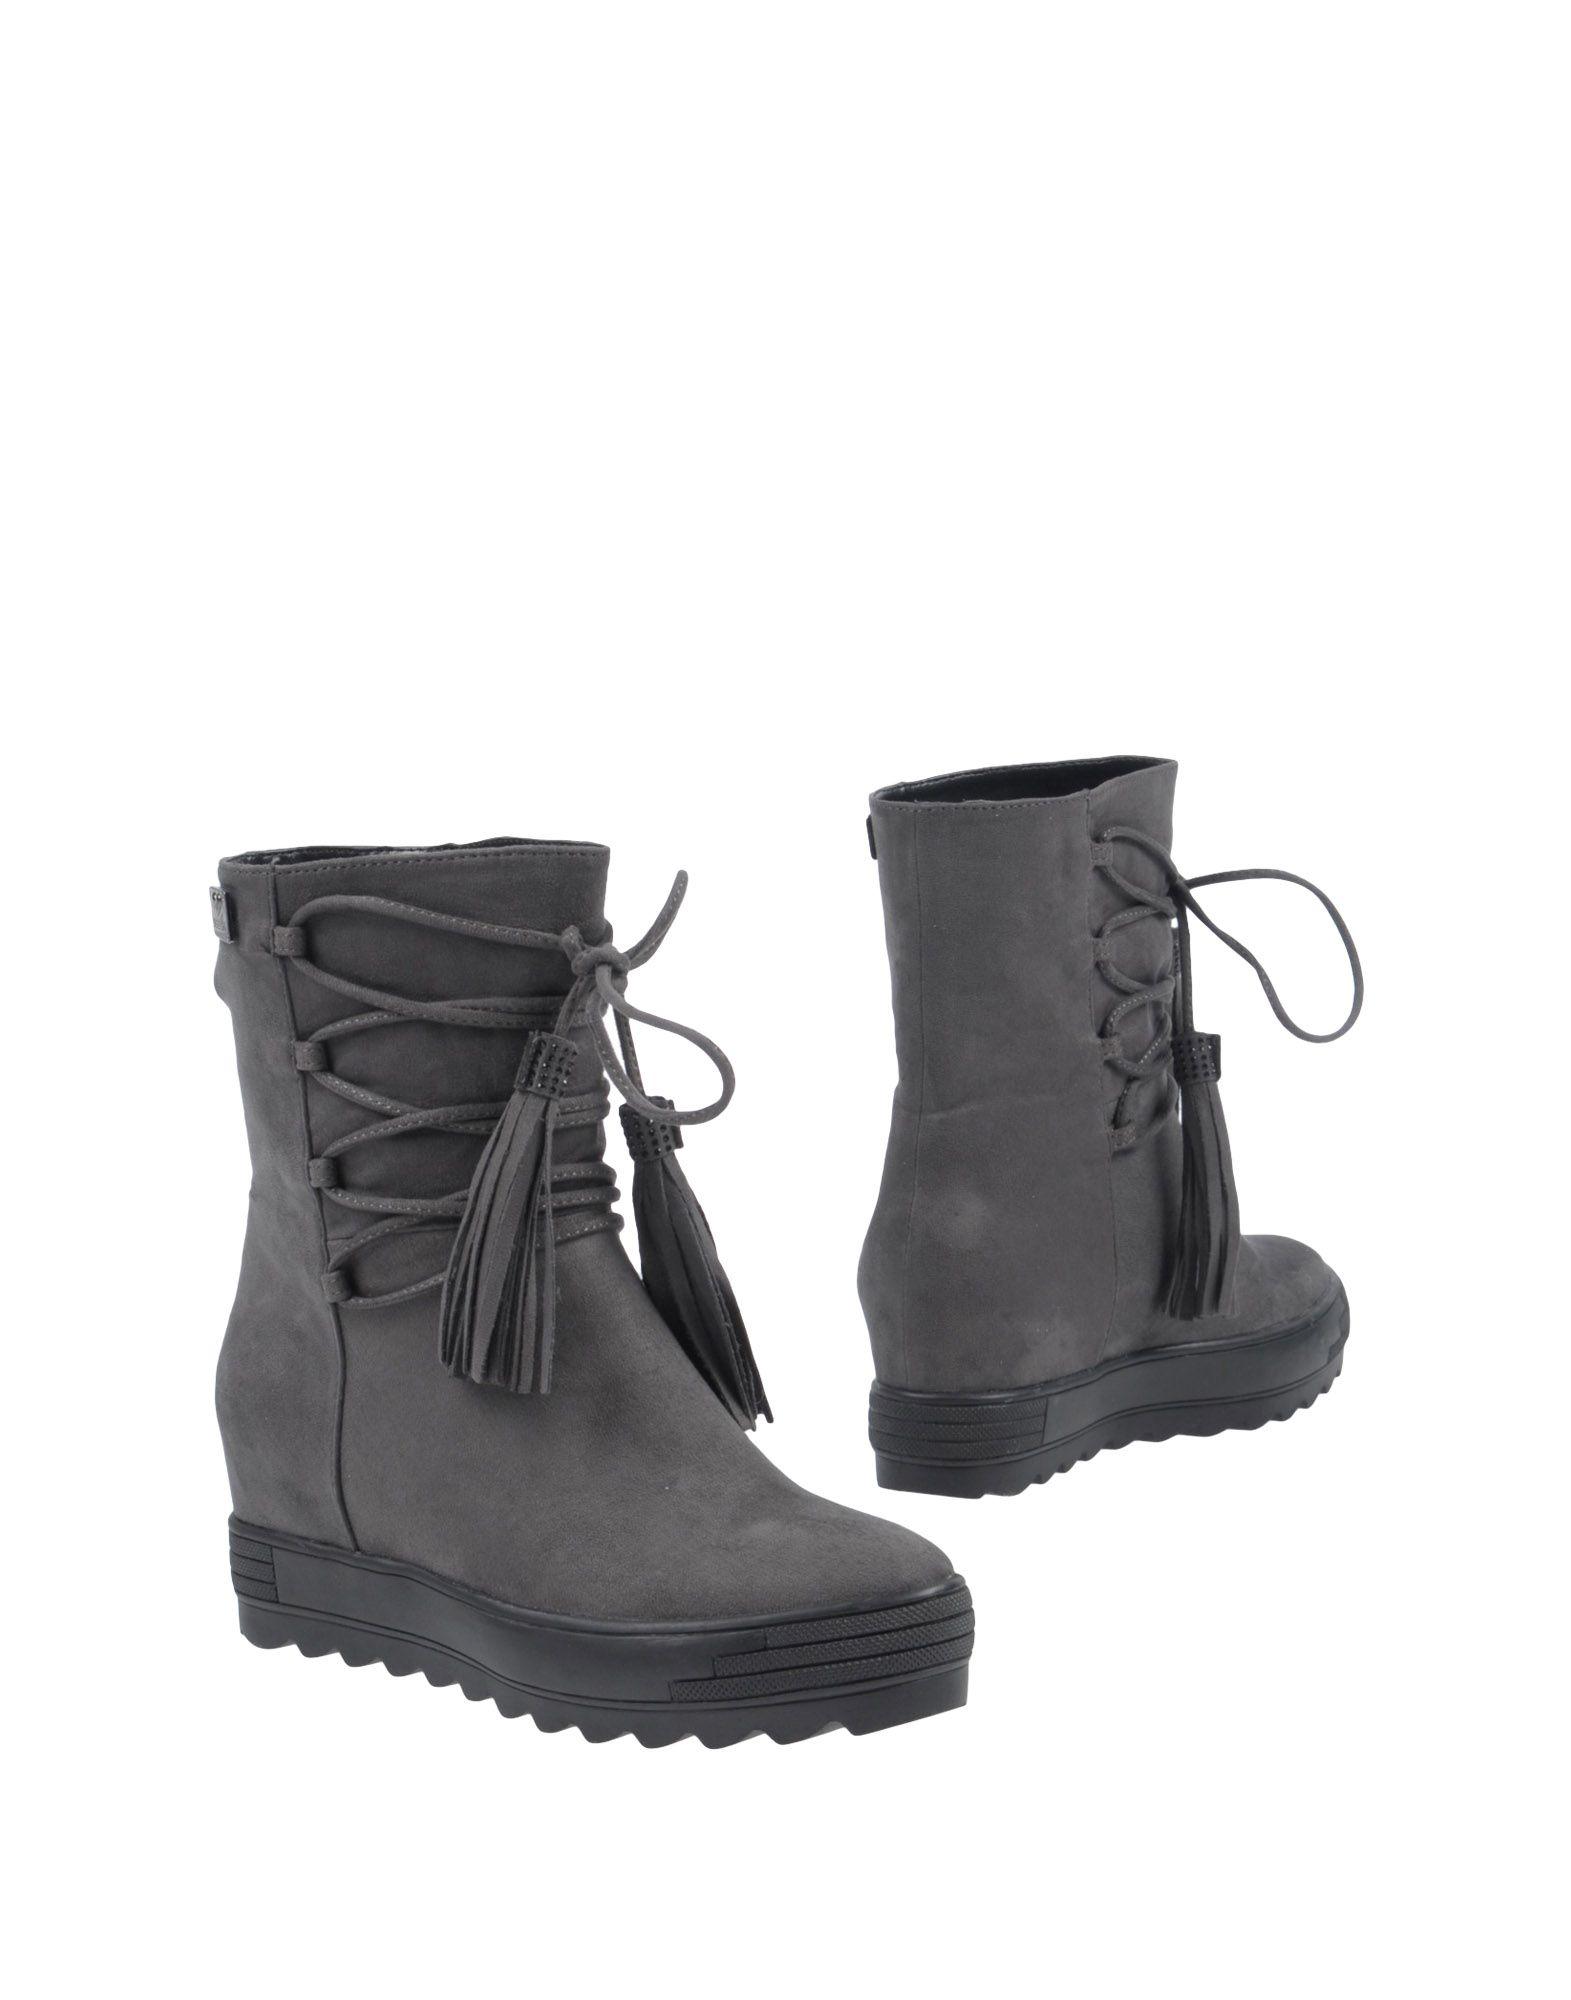 Tua By Braccialini Stiefelette Damen Schuhe  11448754KR Neue Schuhe Damen ce7a9a